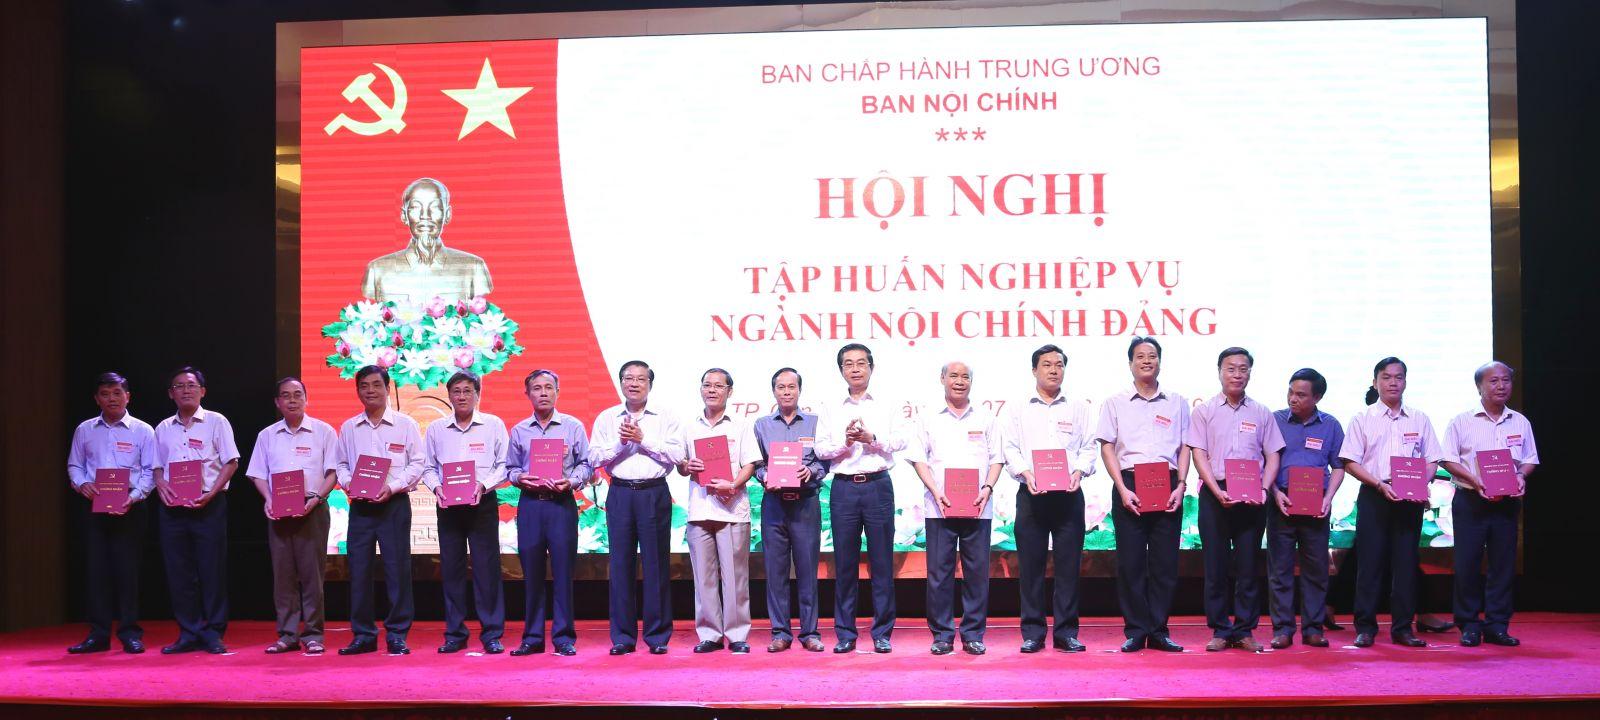 Lãnh đạo Ban Nội chính Trung ương trao giấy chứng nhận cho đại diện các Ban Nội chính tỉnh ủy, thành ủy. Ảnh: S.H